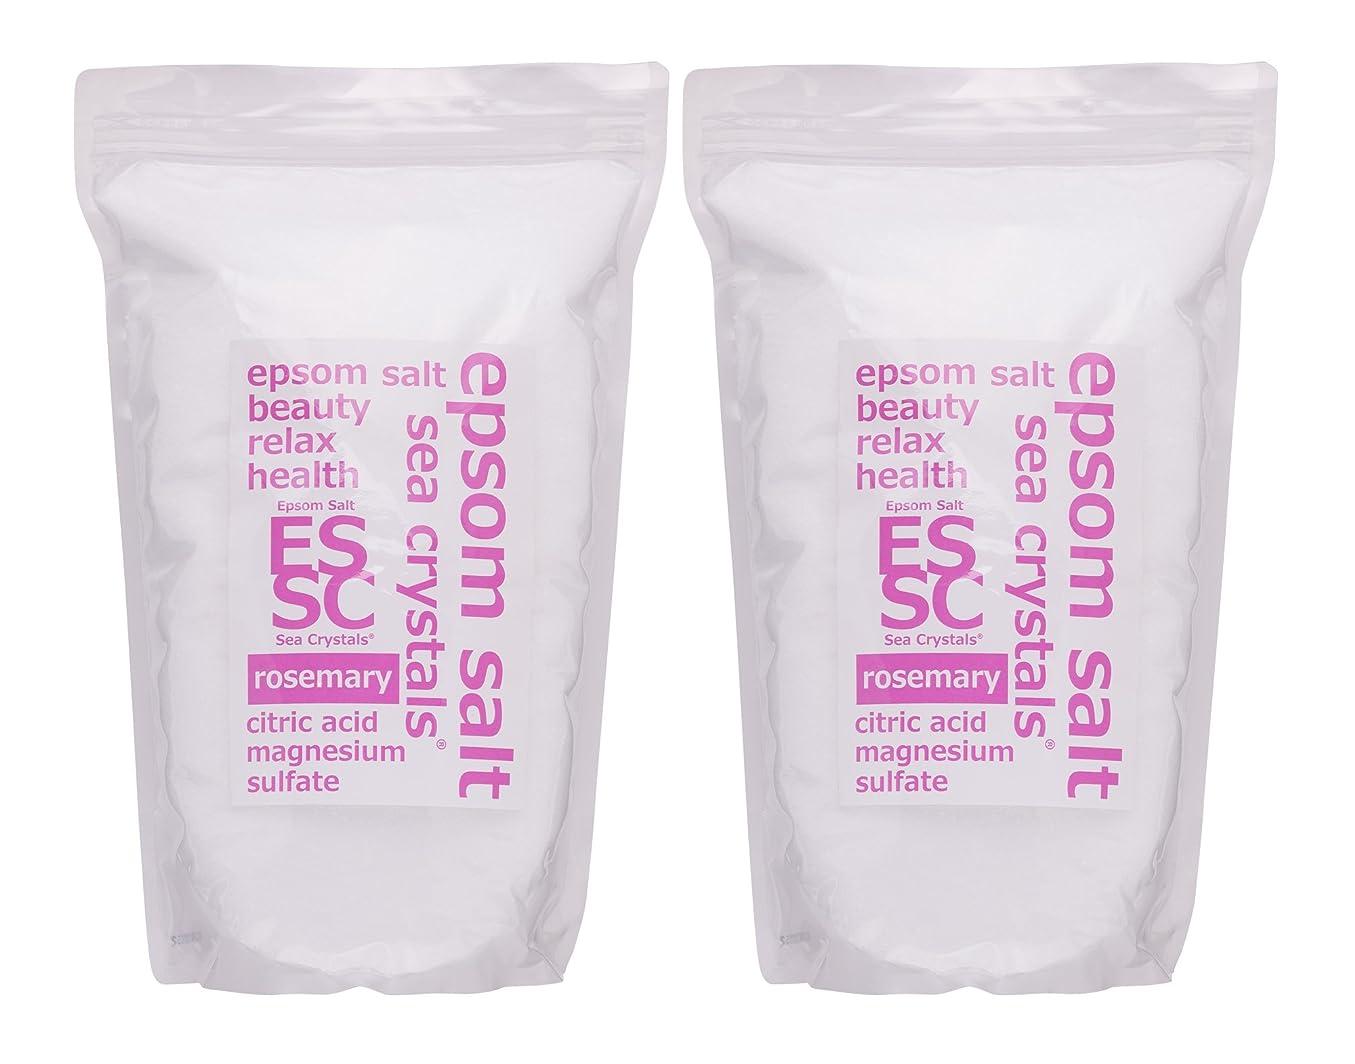 に話す沼地ゴミ箱を空にするエプソムソルト ローズマリーの香り 8kg(4kgX2) 入浴剤(浴用化粧品) クエン酸配合 シークリスタルス 計量スプーン付